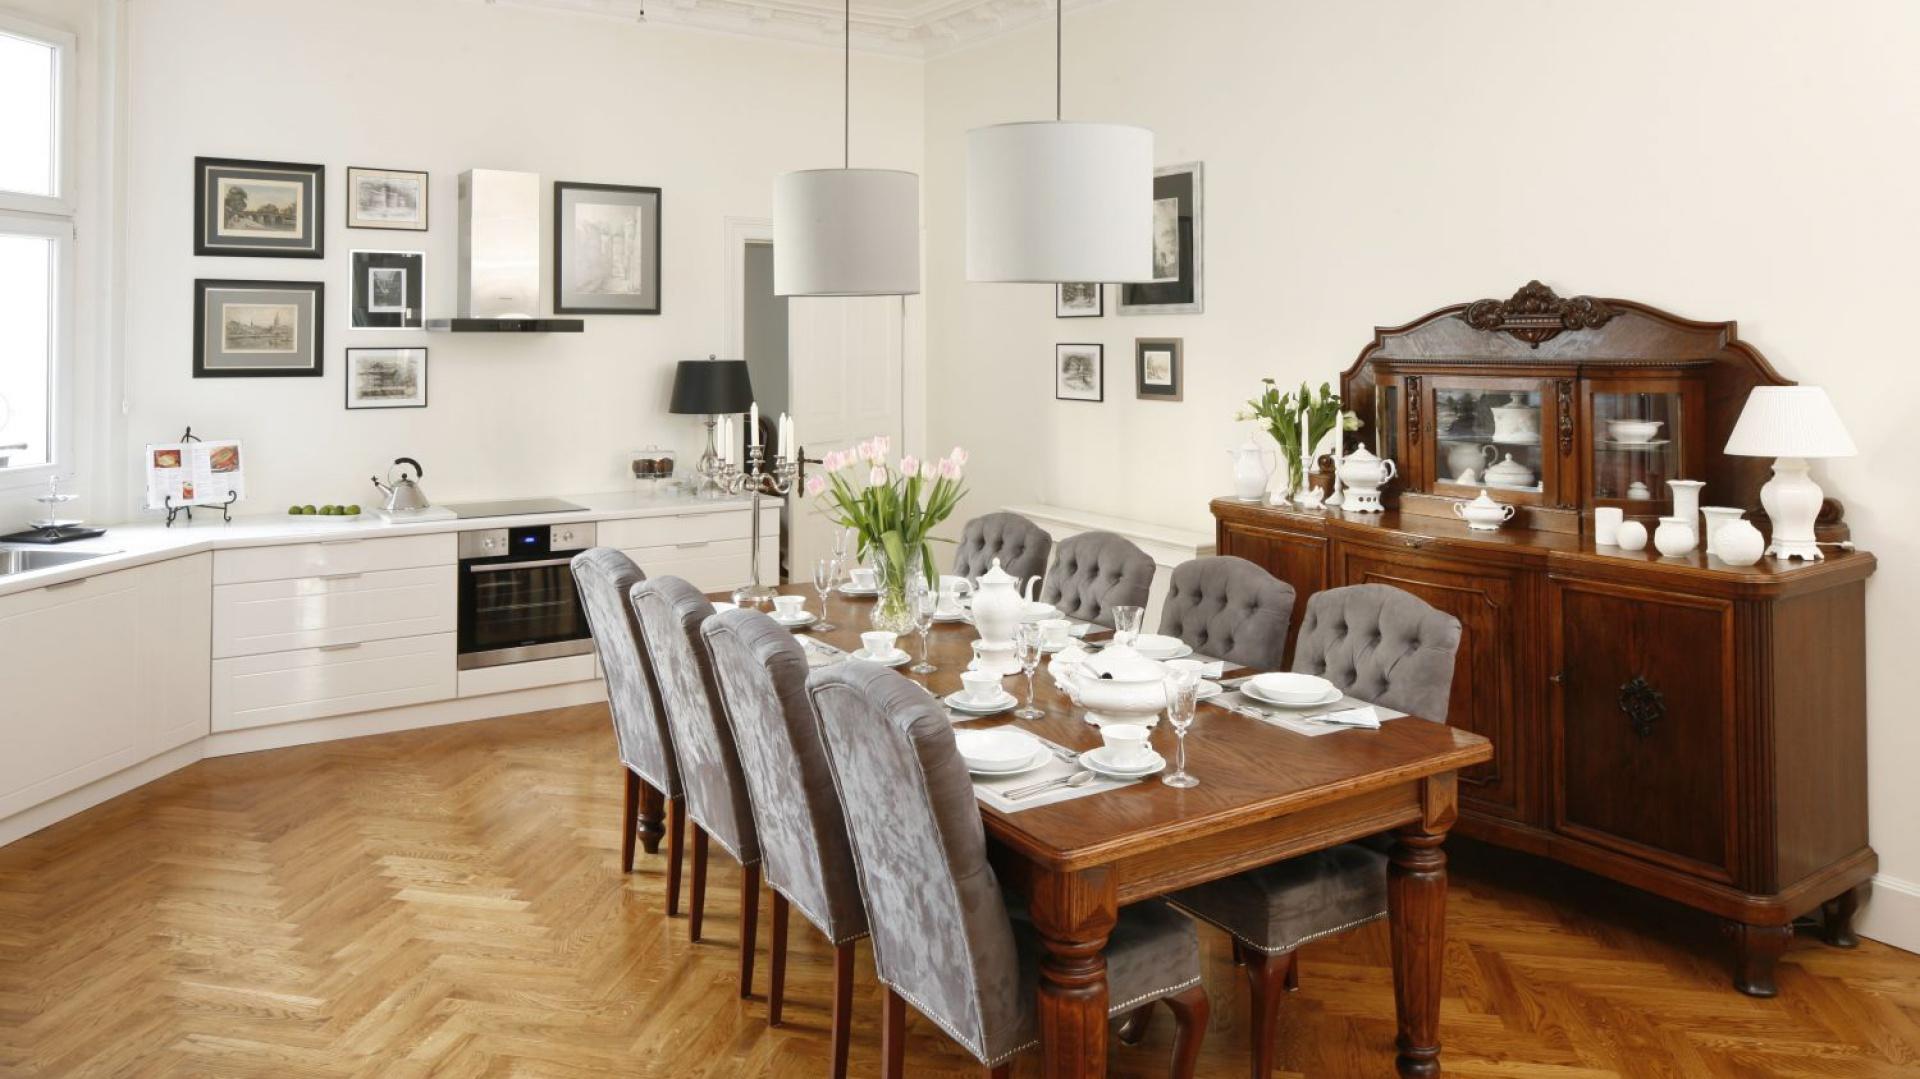 Solidny drewniany stół i towarzyszące mu tapicerowane szare krzesła nadają elegancki wygląd jadalni. Projekt: Joanna Kurkowska. Fot. Bartosz Jarosz.